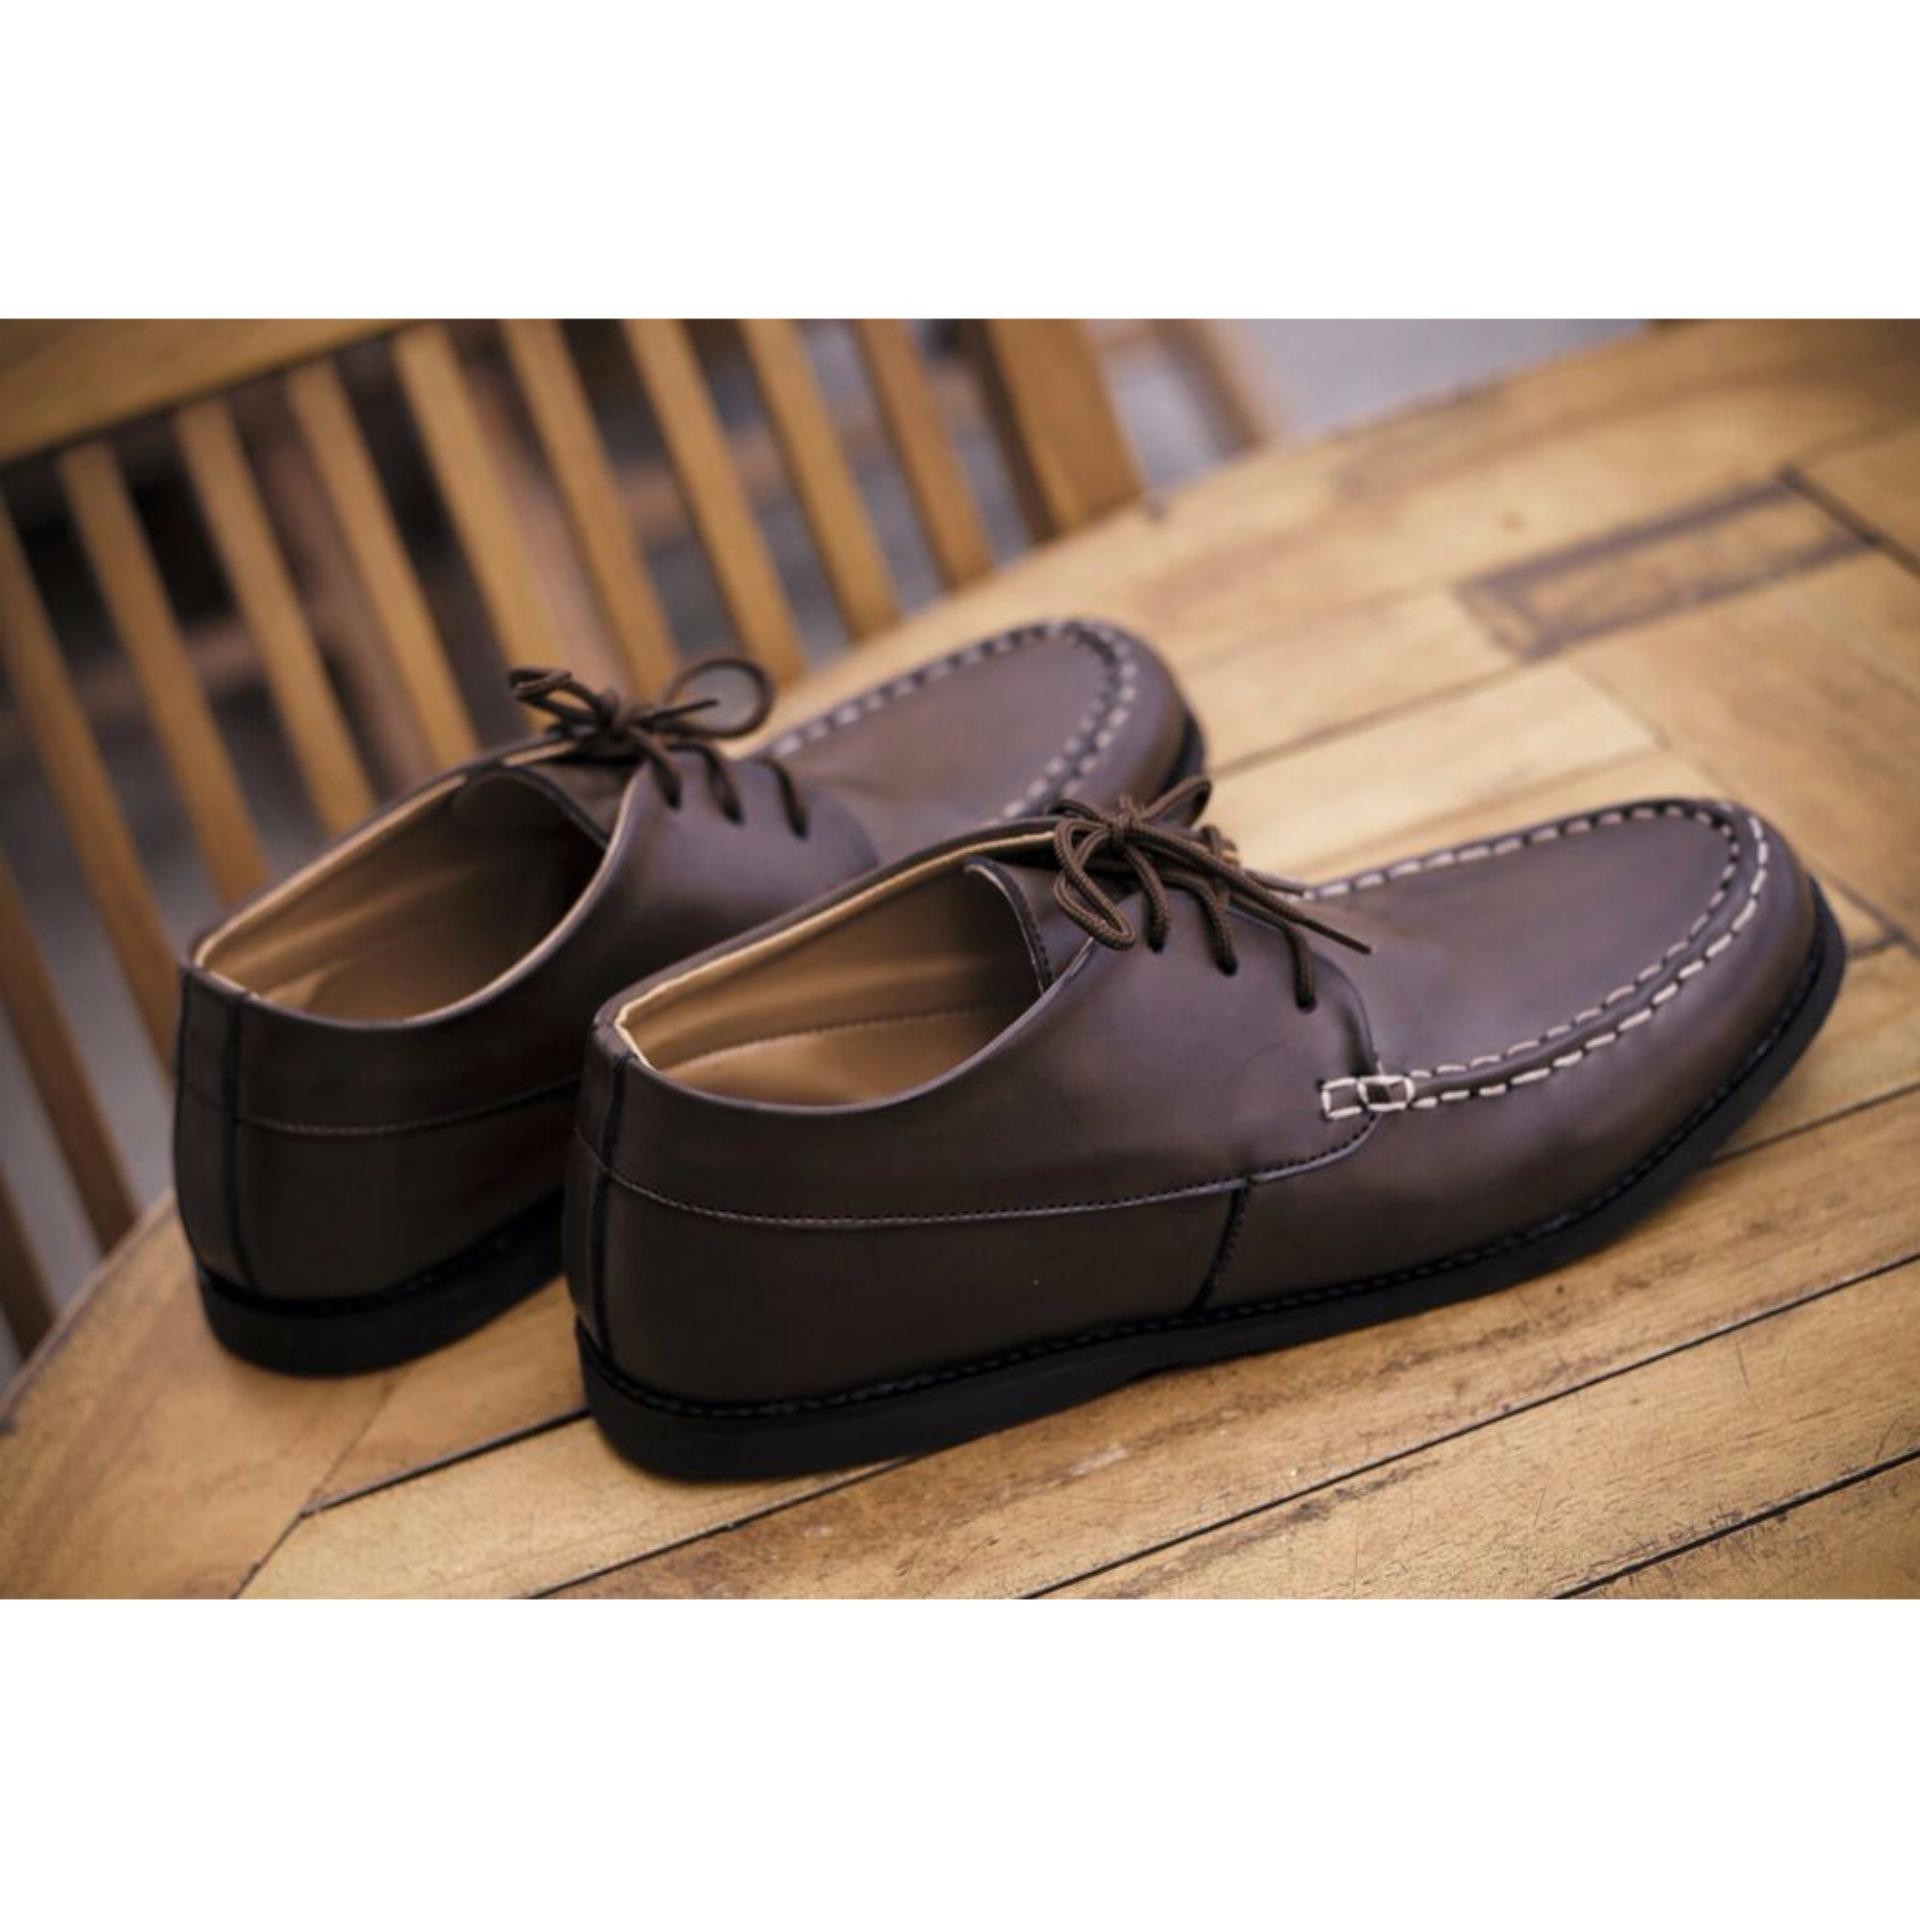 Volker Footware Sepatu Casual Formal Flex Brown Pria - Coklat. Info Harga  JuaL ... 0f7009805e